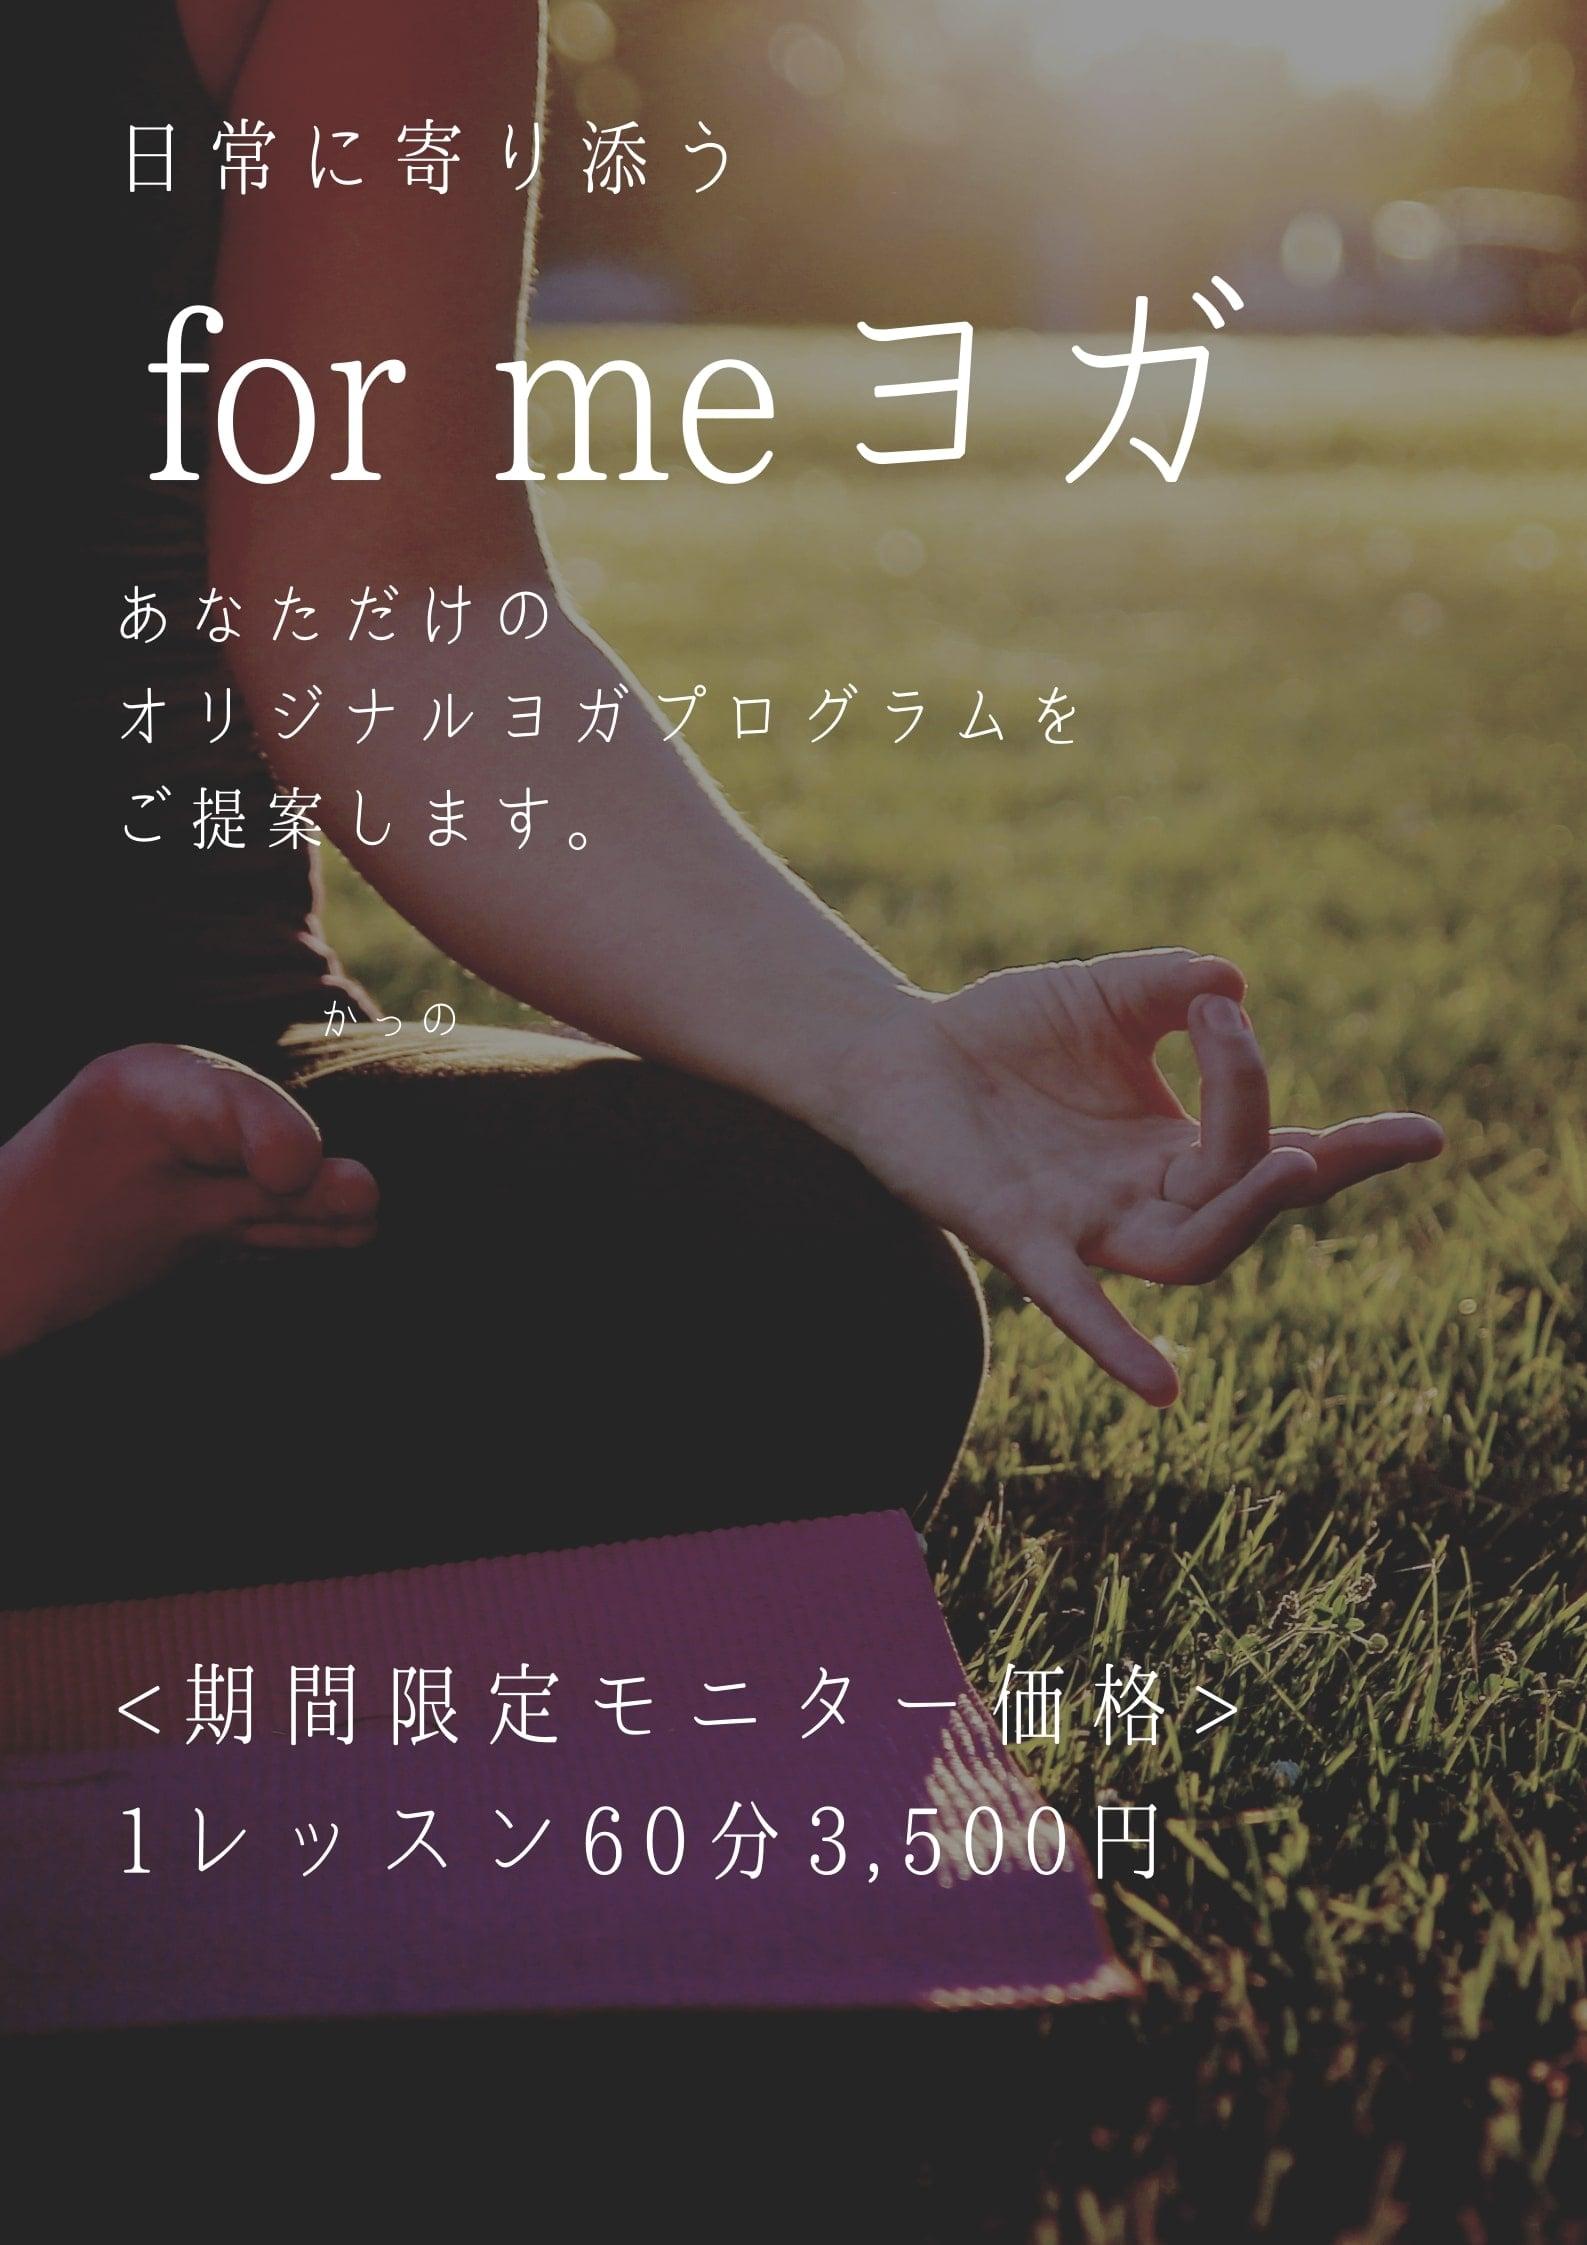 【2020年4月〜】for me ヨガ 初回80分(店頭払い専用) のイメージその5